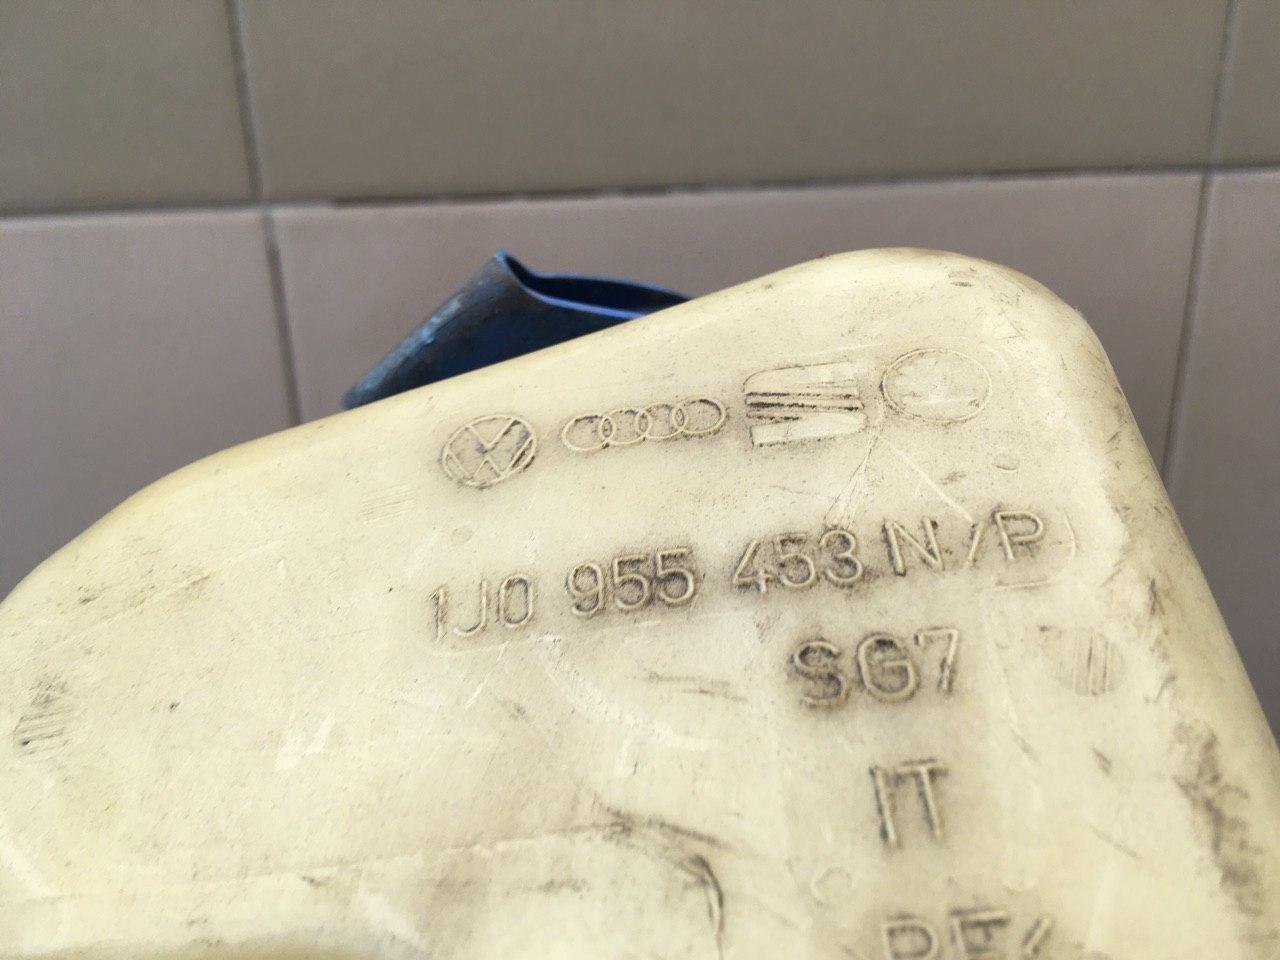 Бачок омывателя лобового стекла 1J0955453N